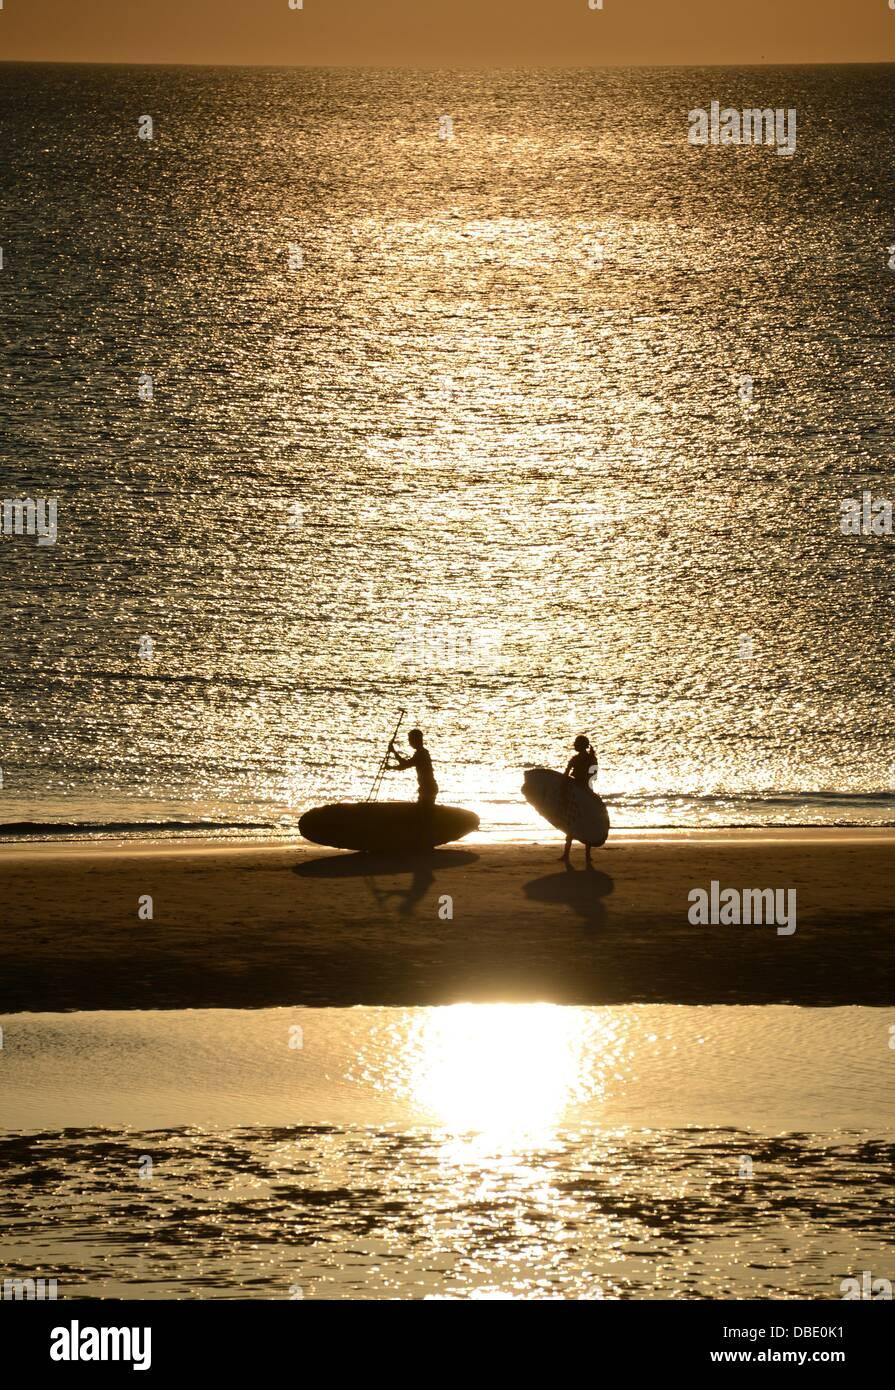 Los surfistas salir del agua y caminar por la playa a la luz de la puesta de sol en la playa de Westerland en Sylt, Imagen De Stock